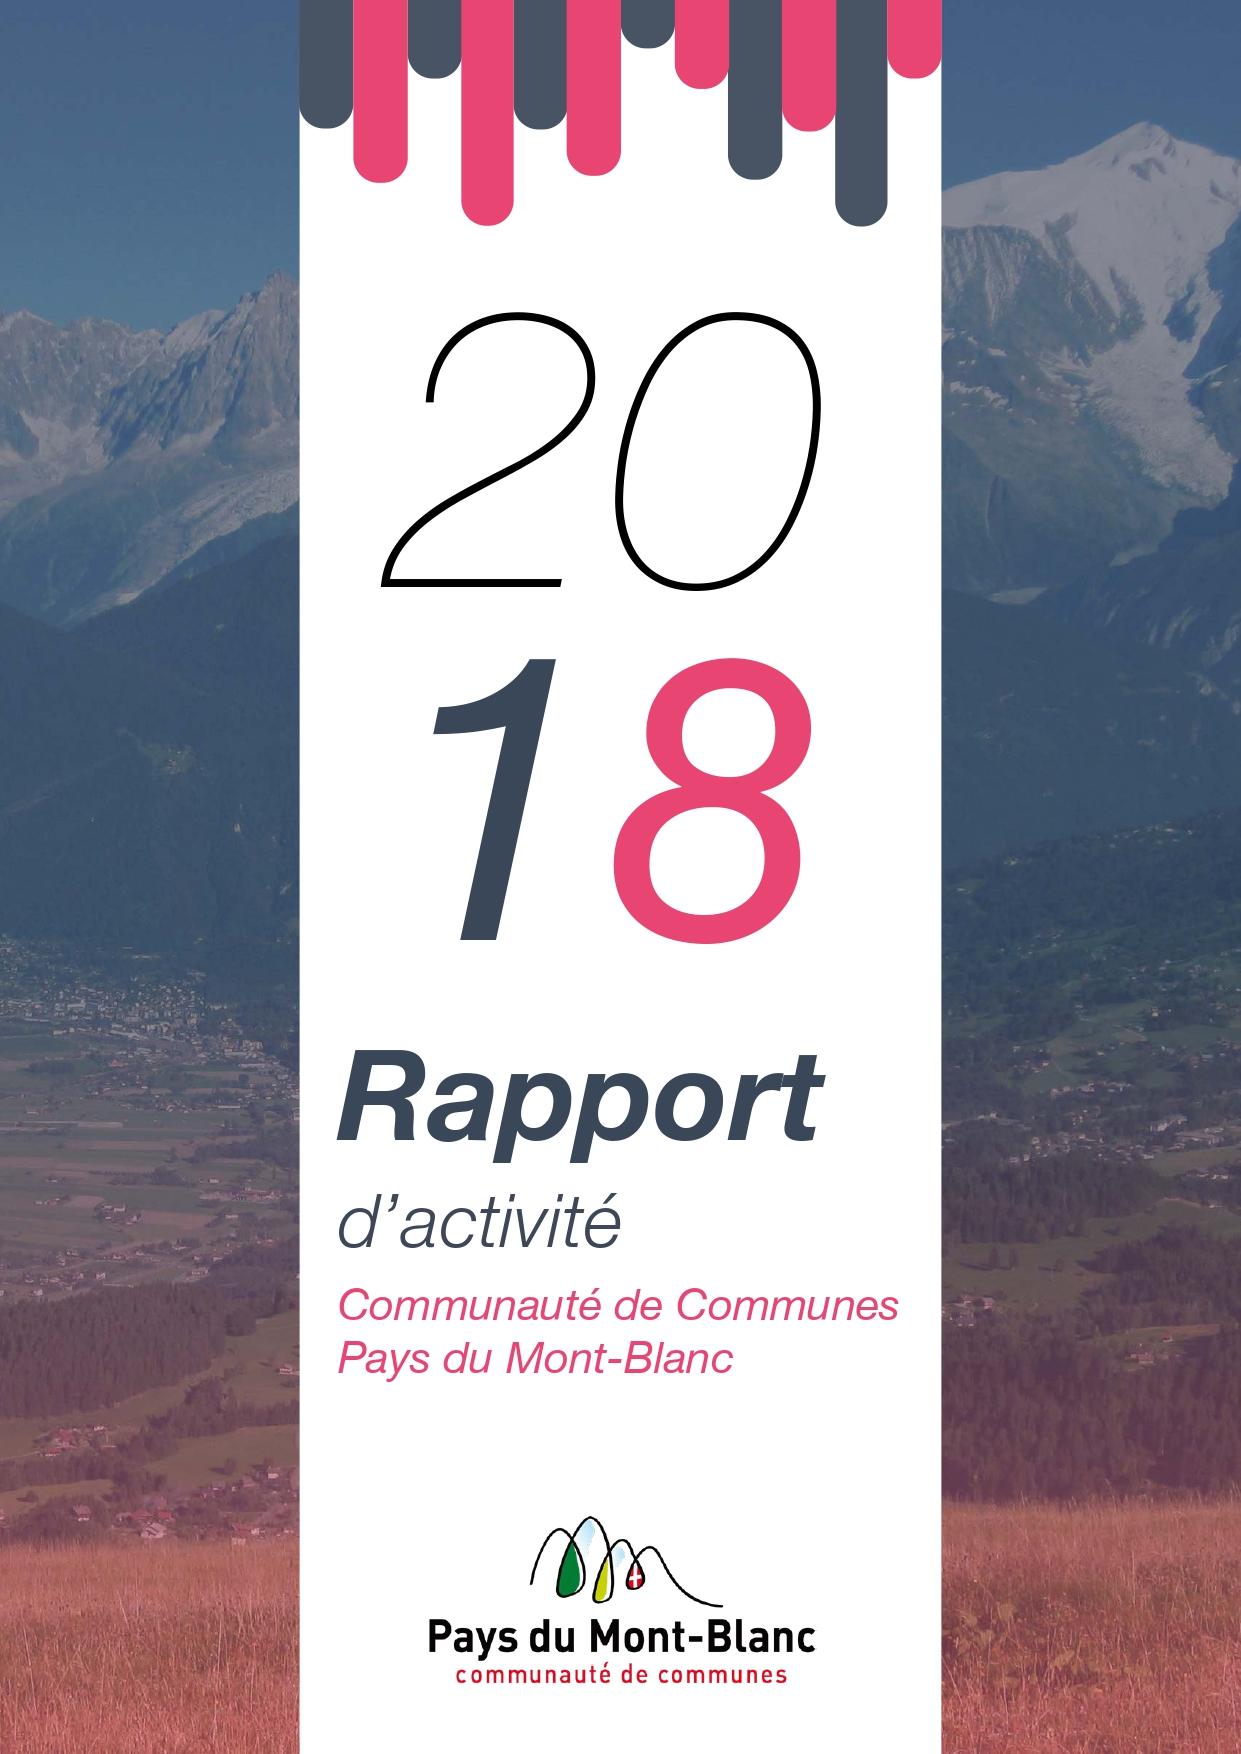 Rapport-d'activité-CCPMB-2018 COUV_page-0001